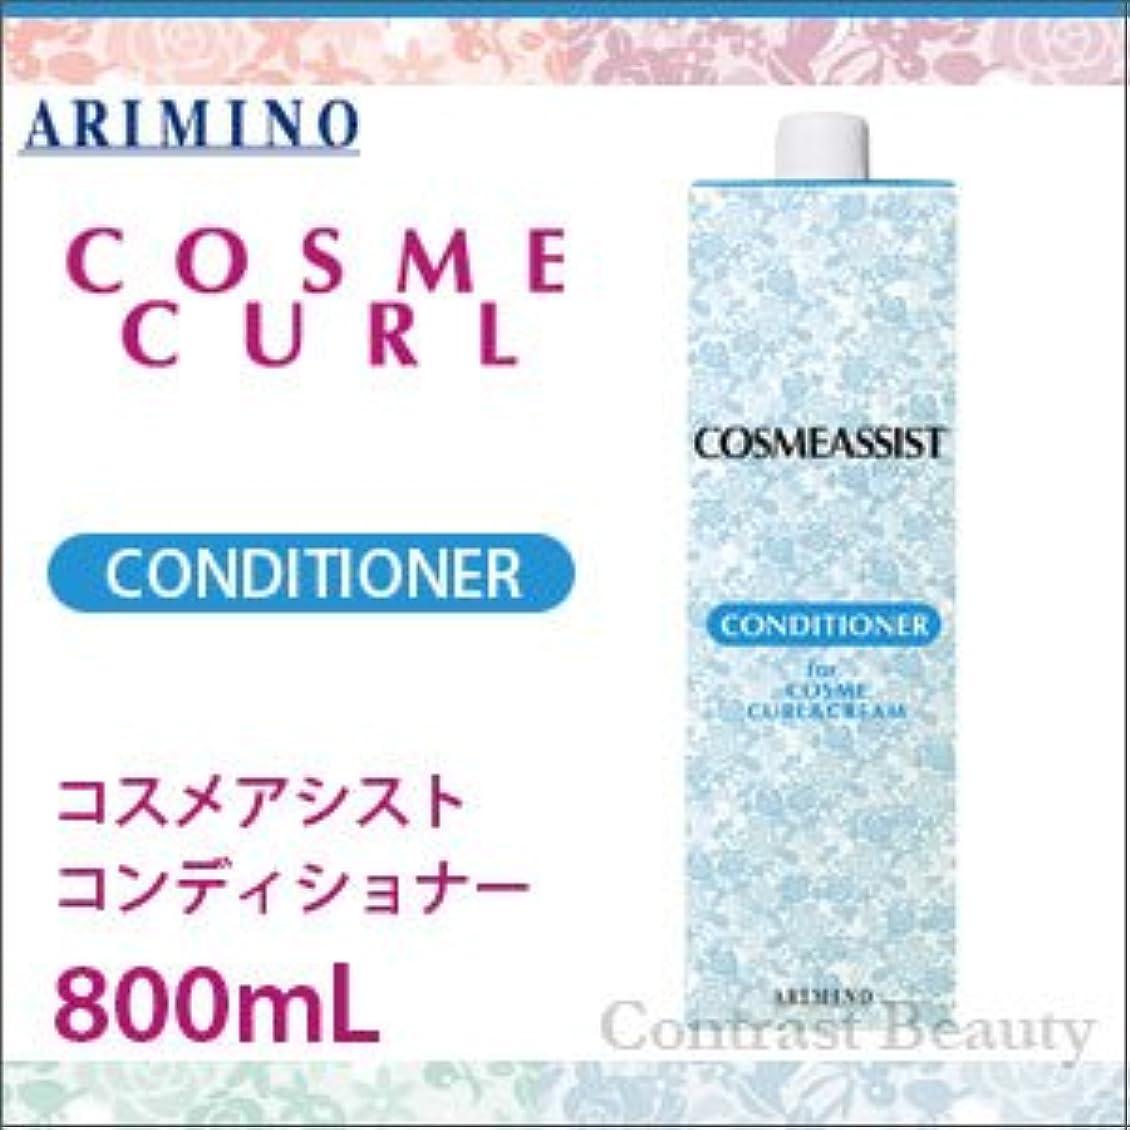 蓄積するハッピー狭い【X3個セット】 アリミノ コスメアシスト コンディショナー 800ml